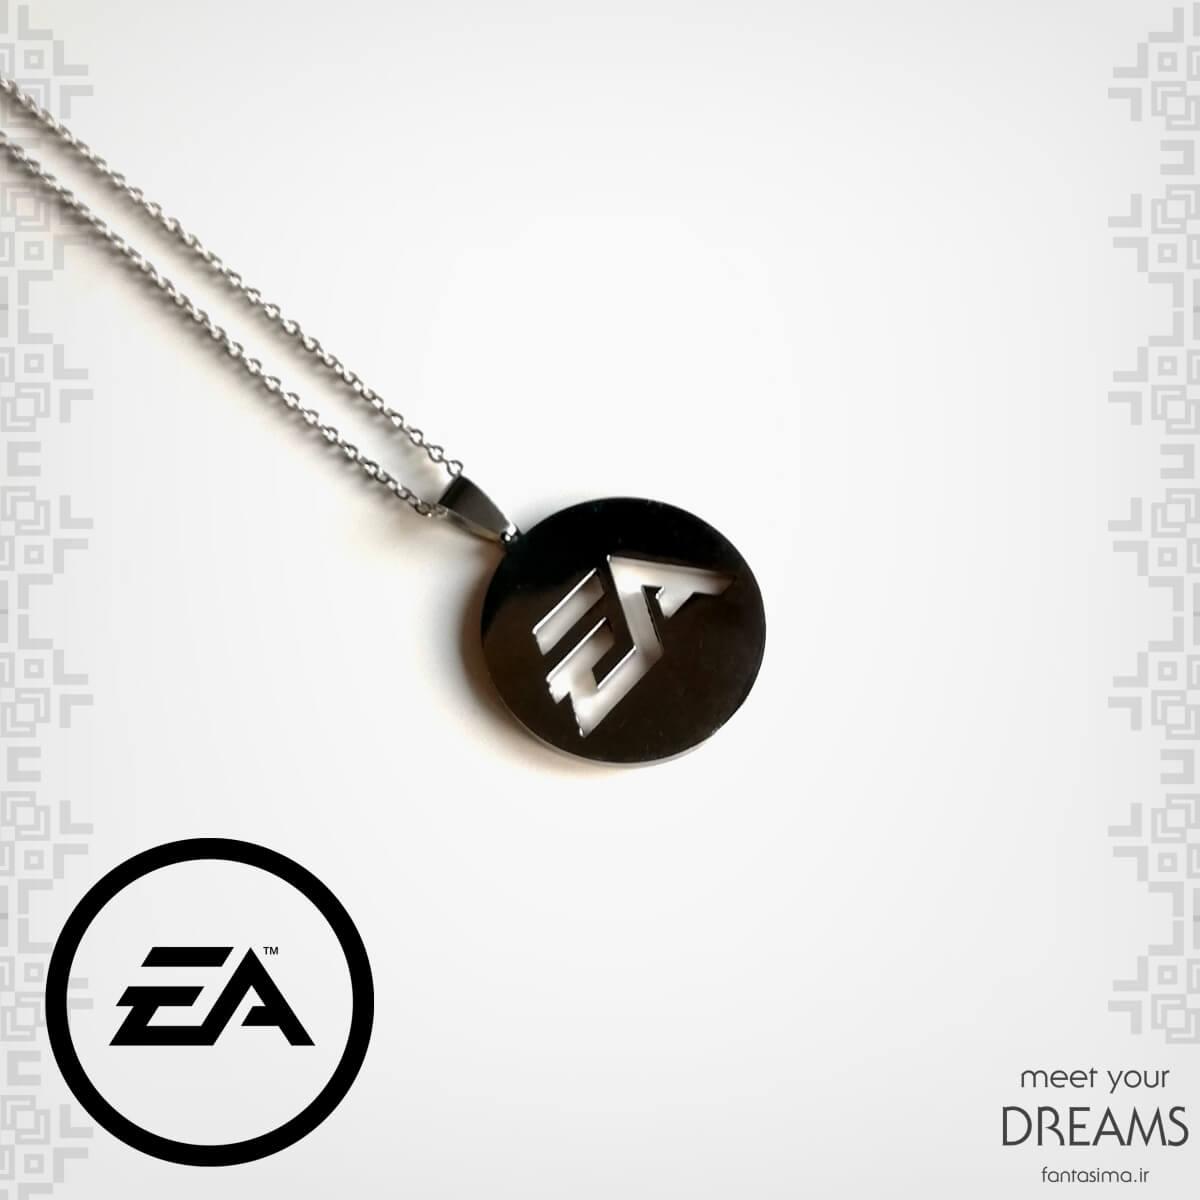 گرننبند استیل نماد الکترونیک آرت (EA)